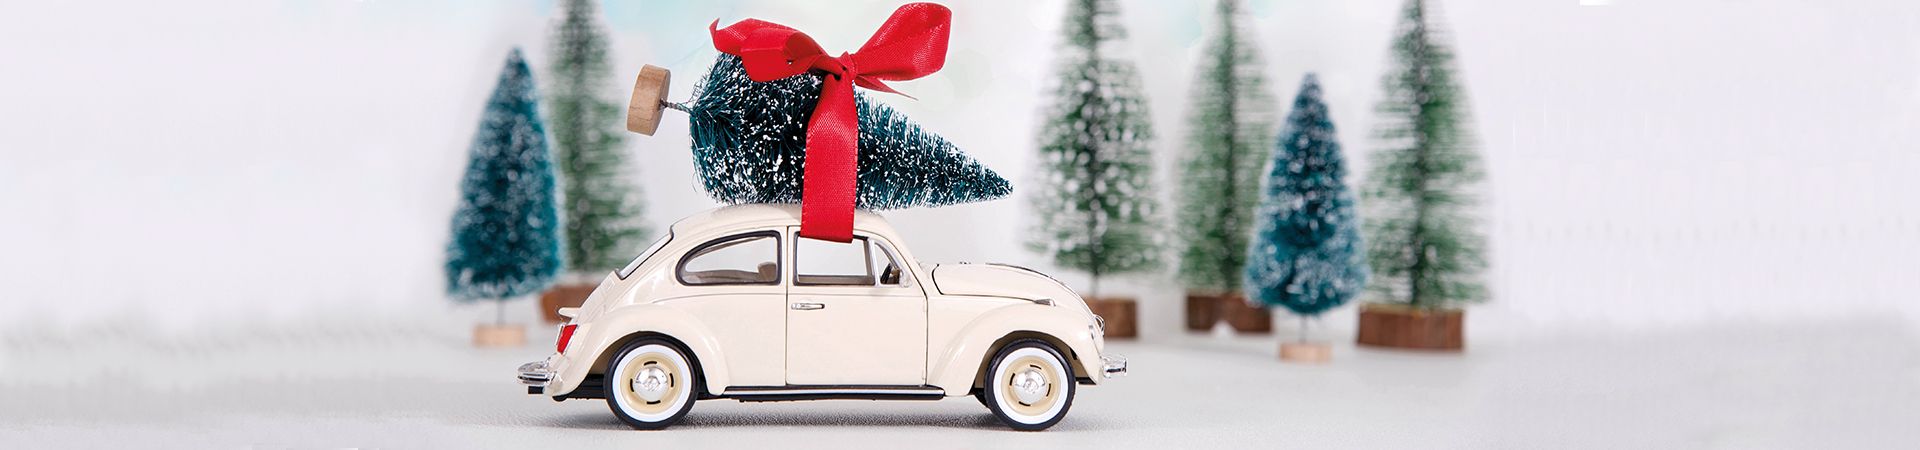 Parkeren tijdens en rondom de feestdagen